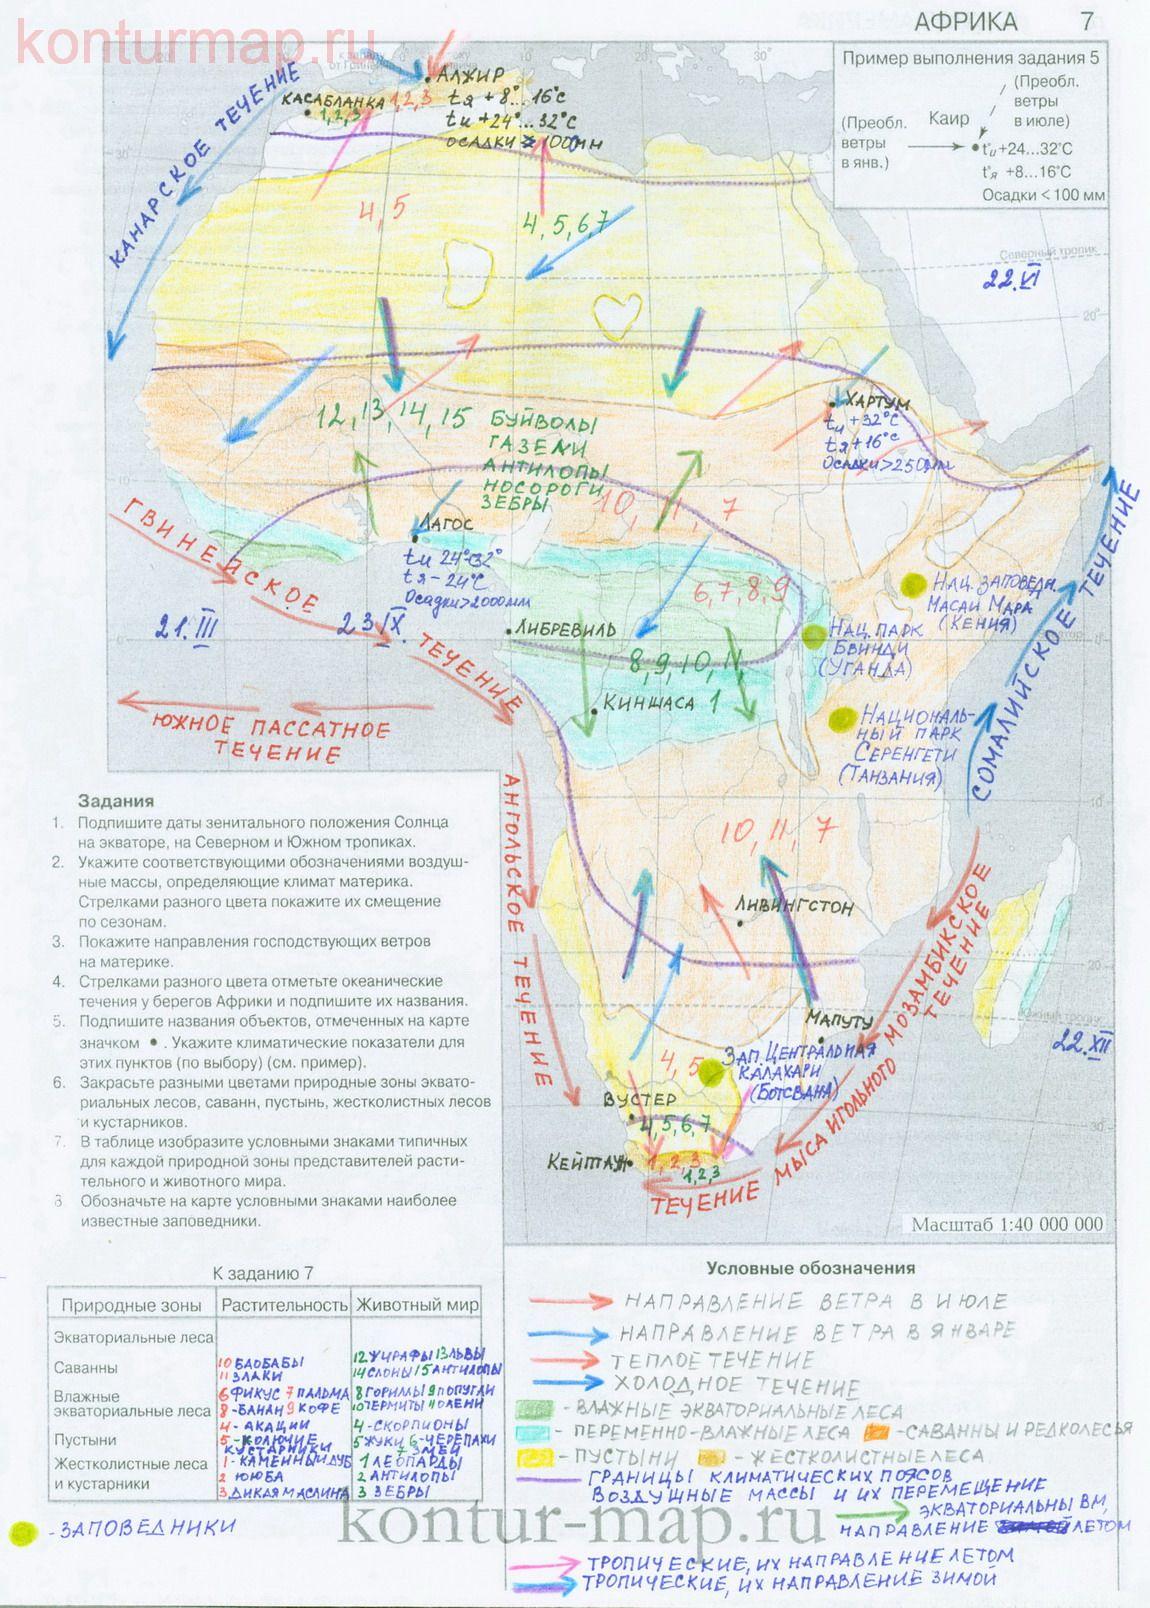 гдз по географии за 7 класс контурные карты